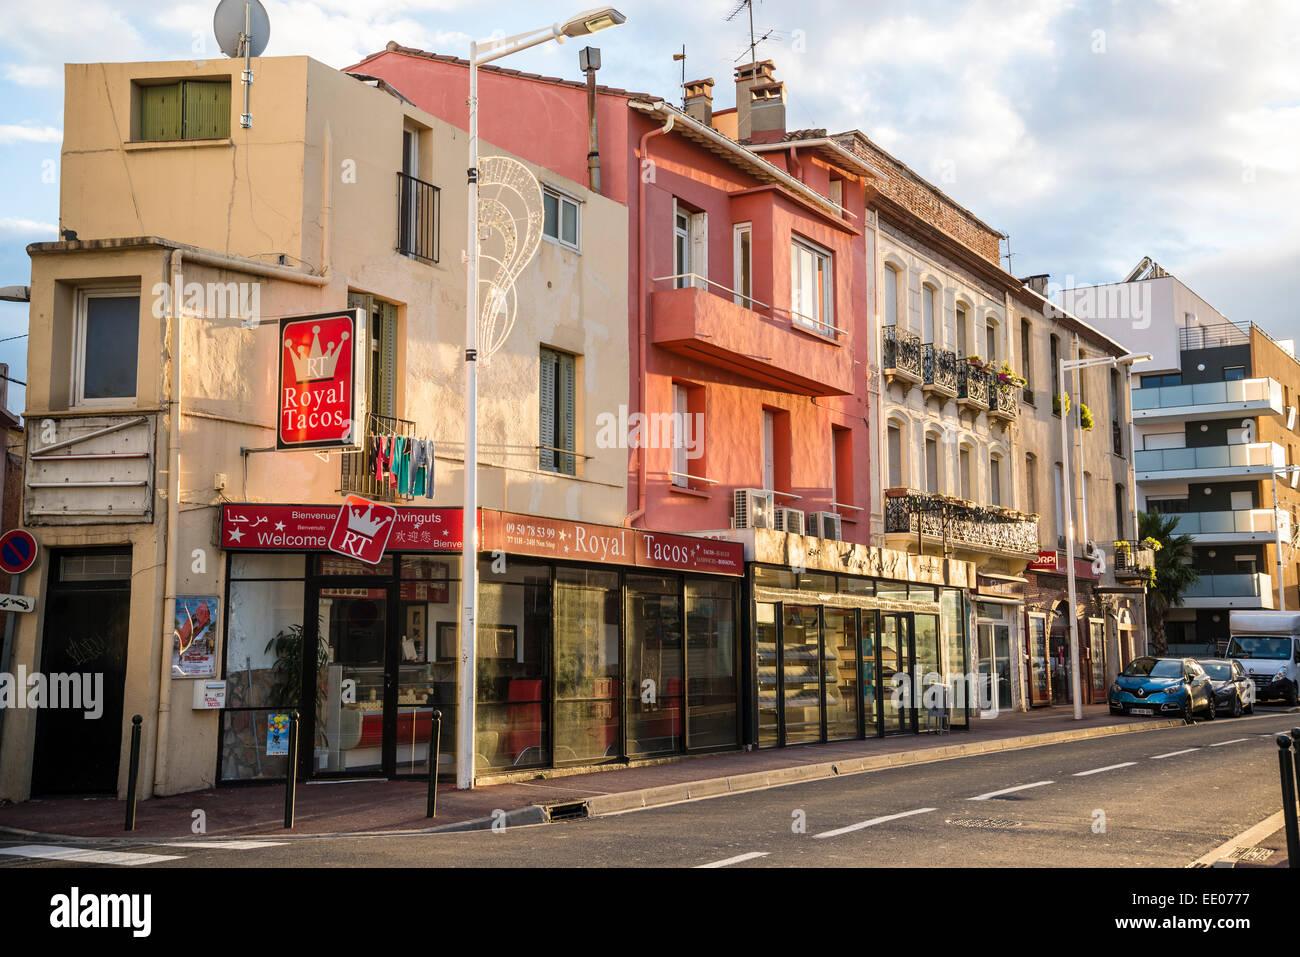 À la fin de la rue du soleil, Perpignan, Pyrénées-Orientales, France Photo Stock